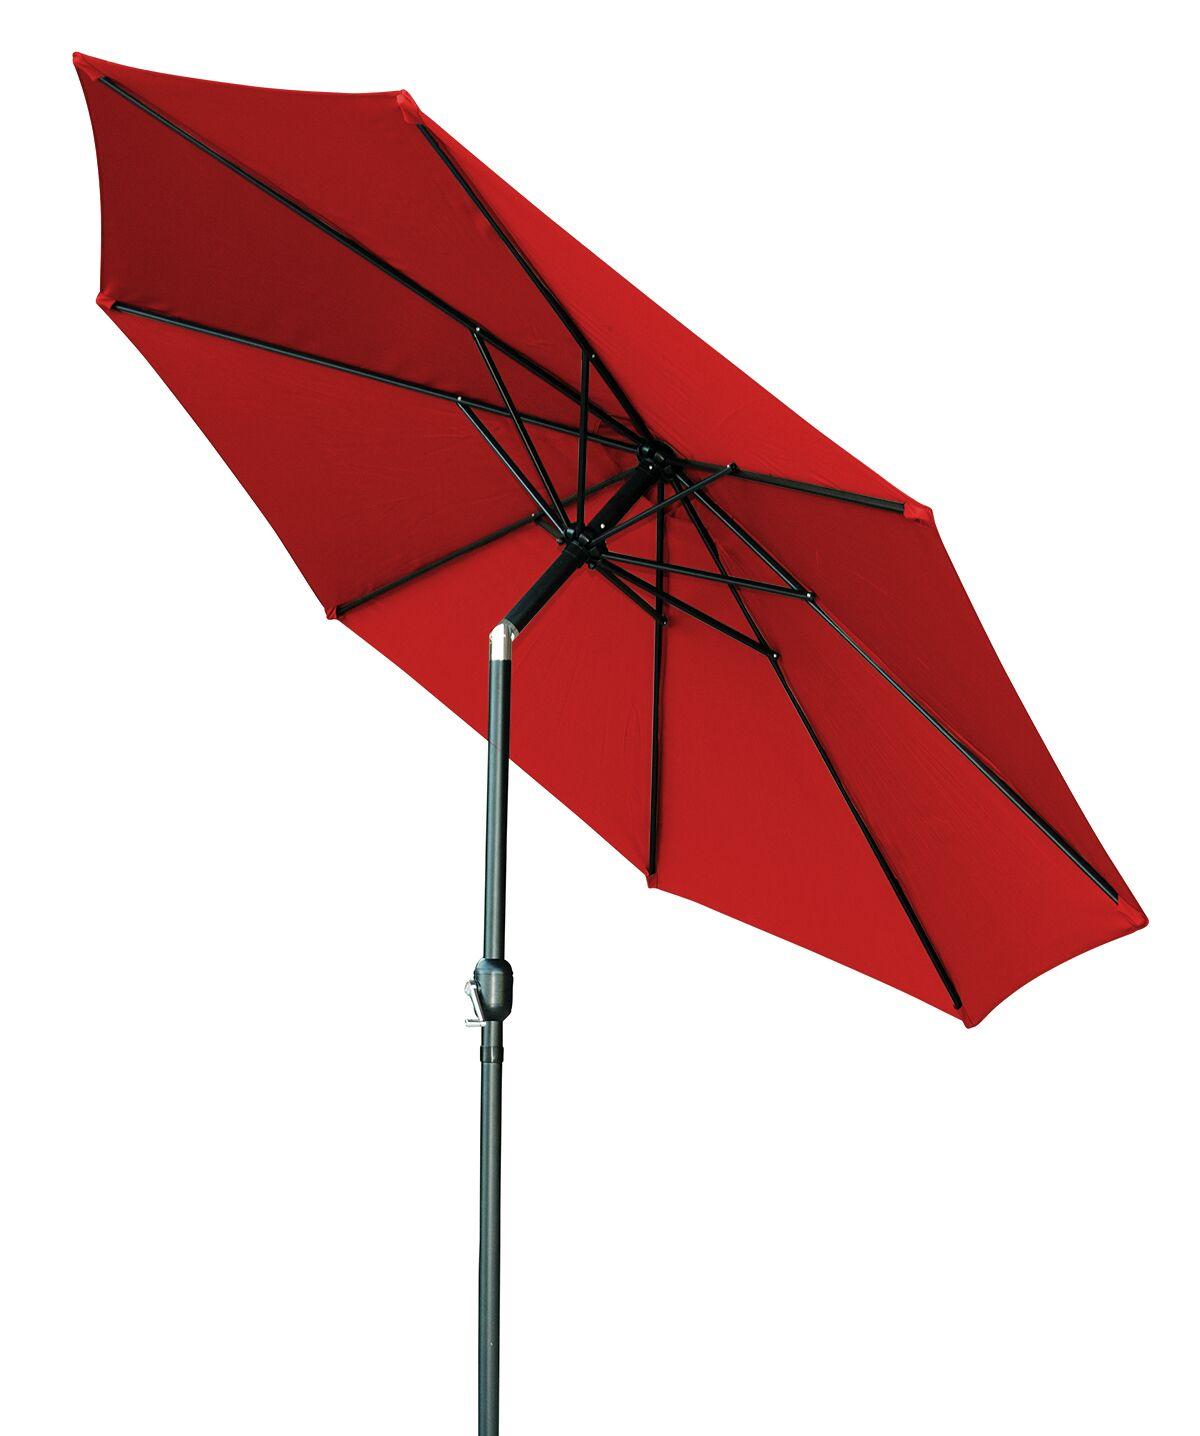 Piatt Tilt Crank Patio 10' Market Umbrella Color: Red